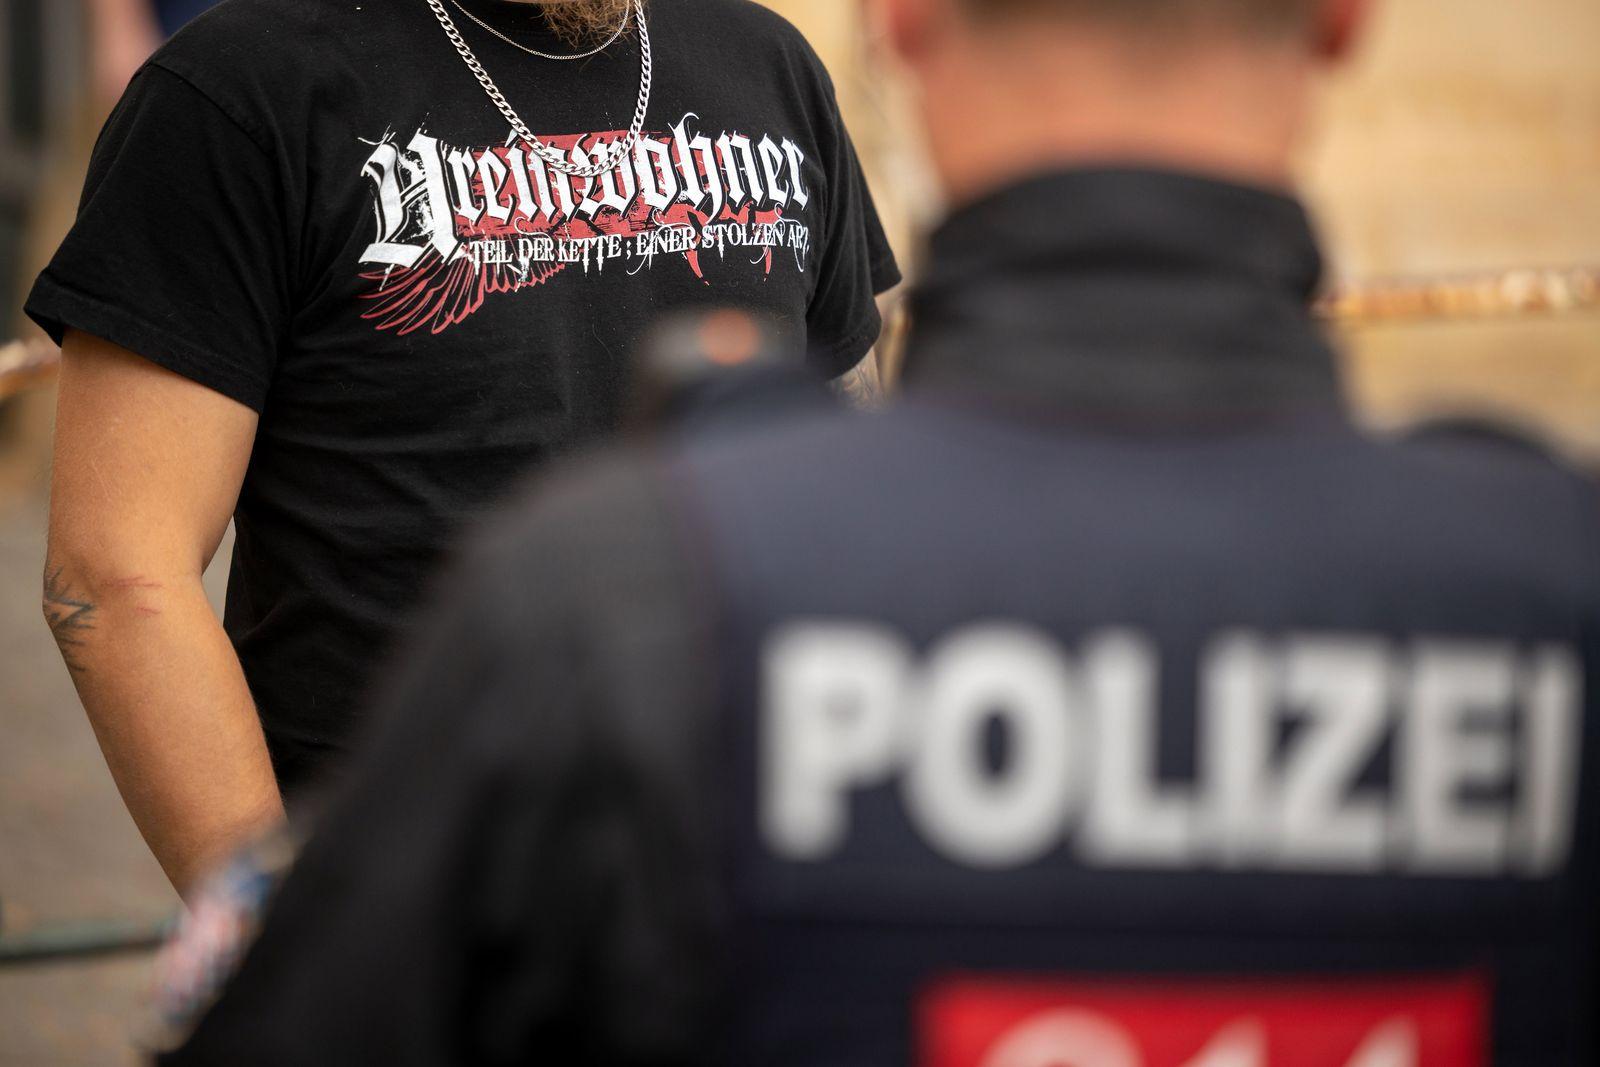 Kundgebung des Bündnis gegen Rechtsextremismus in Eisenach